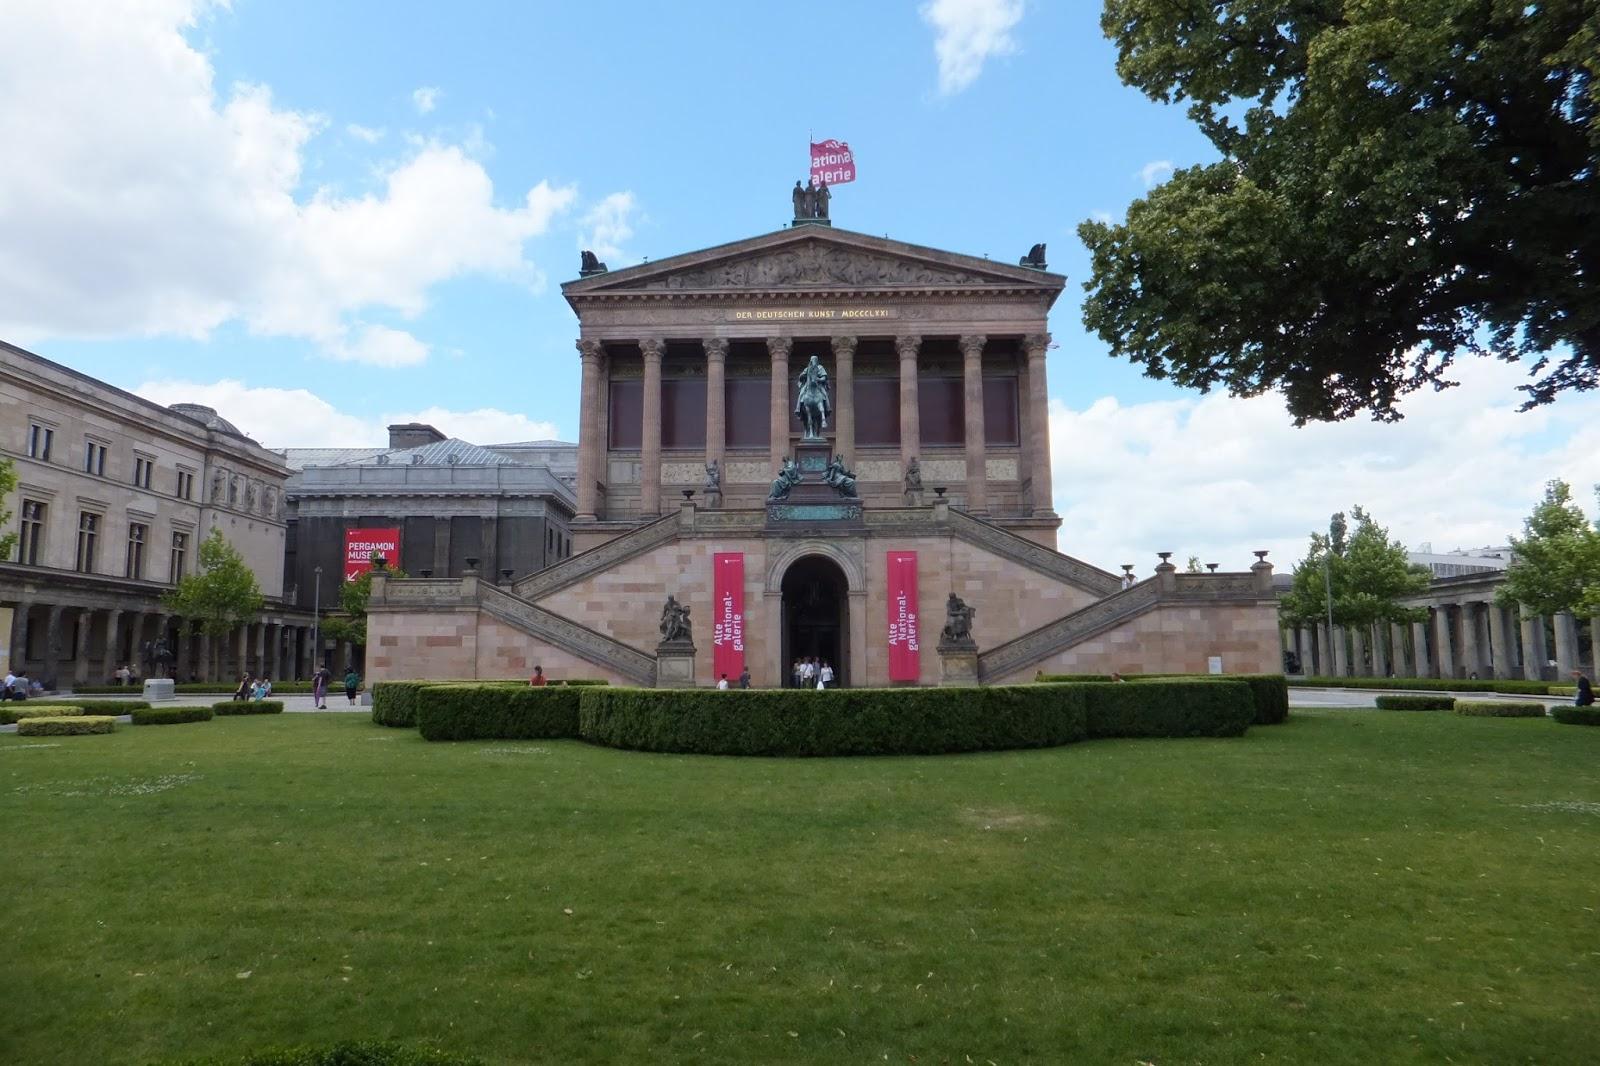 驚異の青い部屋: ヨーロッパ旅行 旧国立美術館 驚異の青い部屋 旧 ニ...  ヨーロッパ旅行